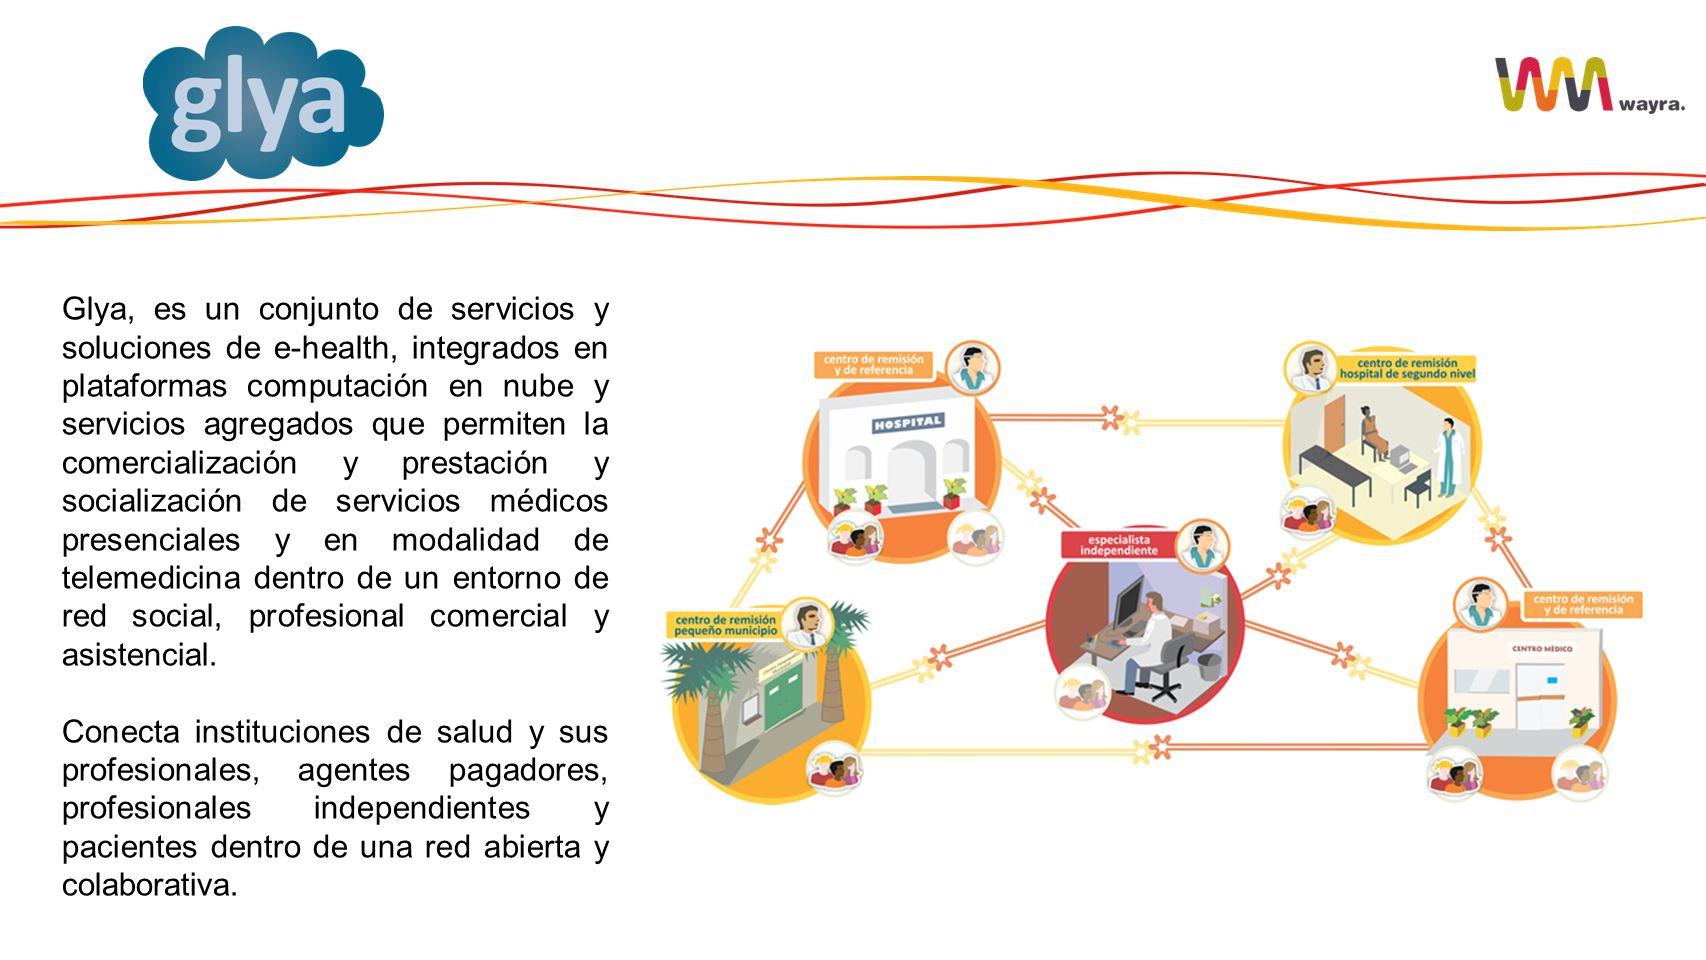 Glya, es un conjunto de servicios y soluciones de e-health, integrados en plataformas computación en nube y servicios agregados que permiten la comercialización y prestación y socialización de servicios médicos presenciales y en modalidad de telemedicina dentro de un entorno de red social, profesional comercial y asistencial.